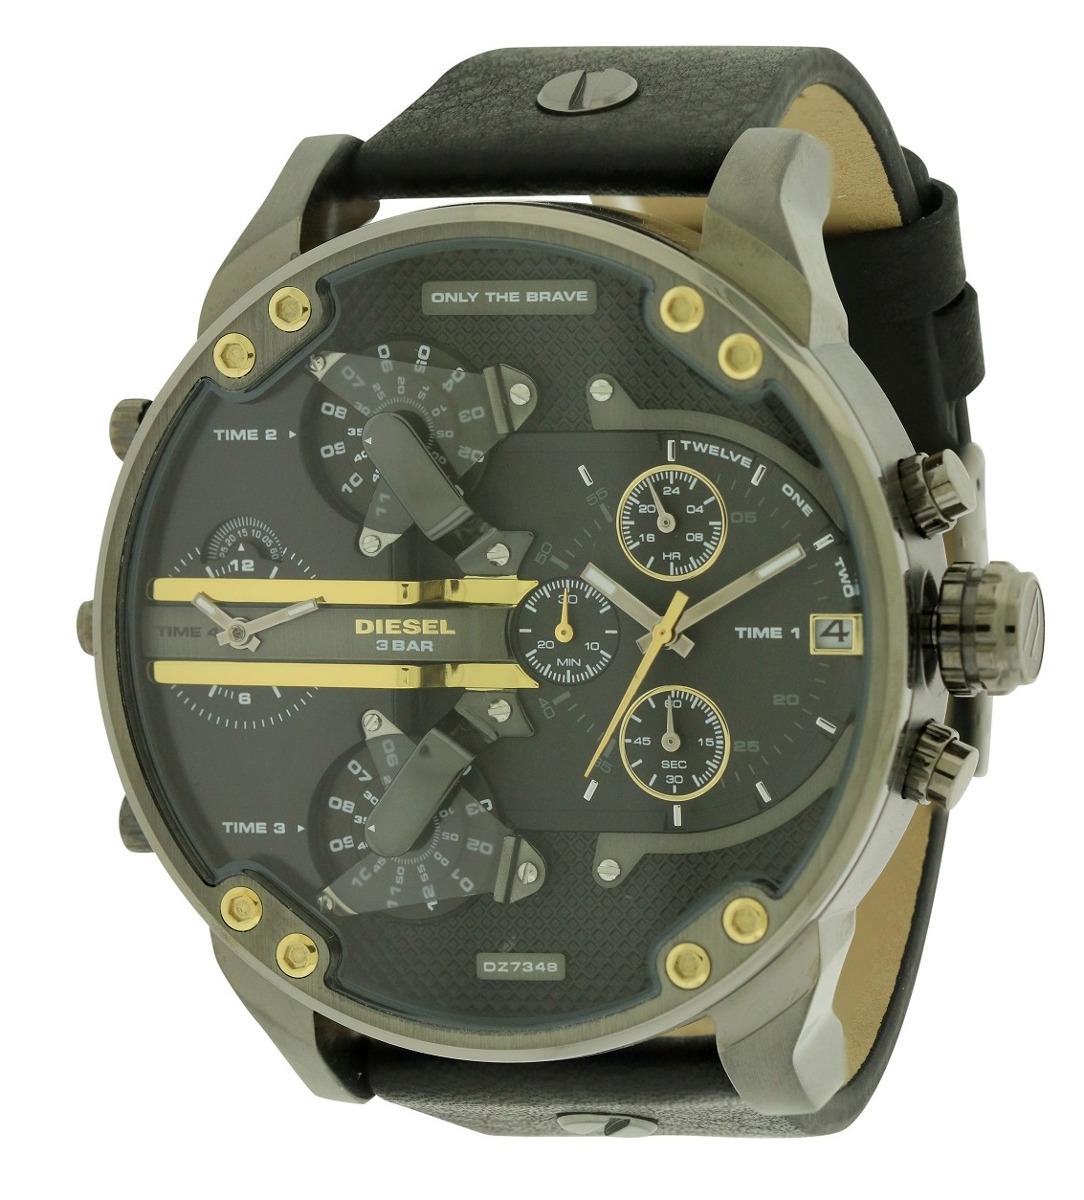 dab680a0fcbf reloj diesel para hombre dz7348 correa de cuero mr daddy. Cargando zoom.